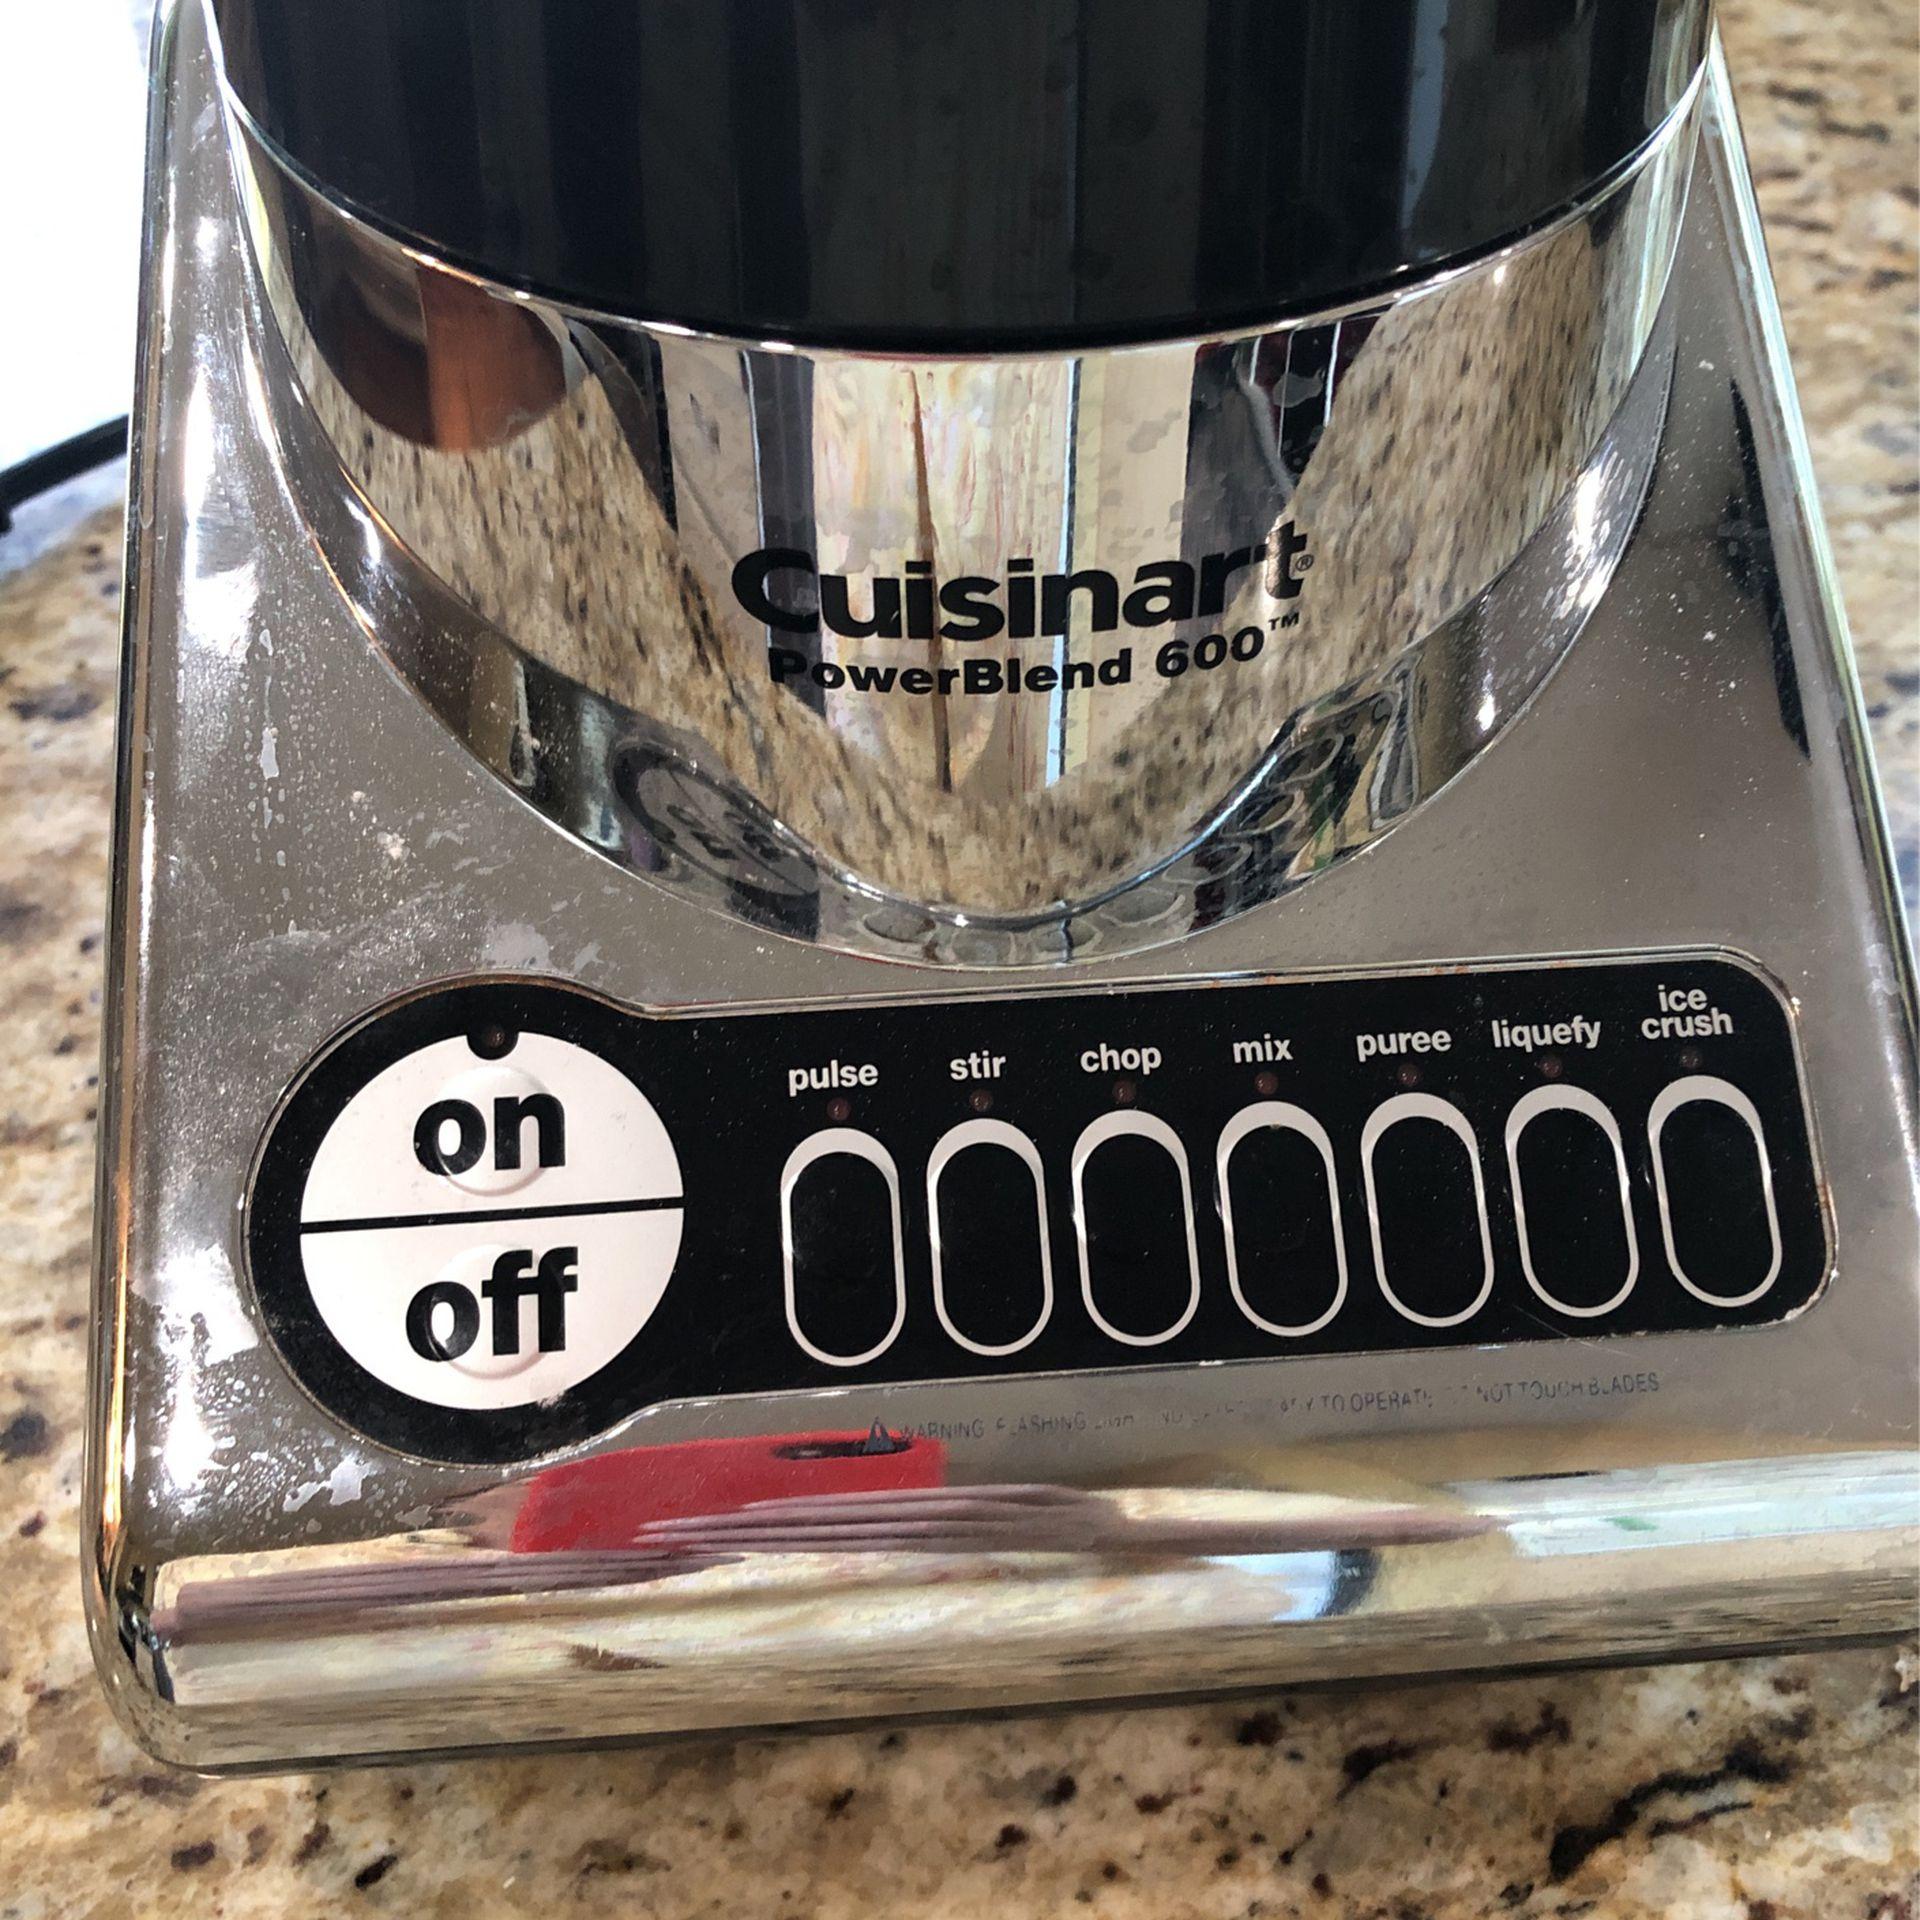 Cuisinart Power Blend 600 Used